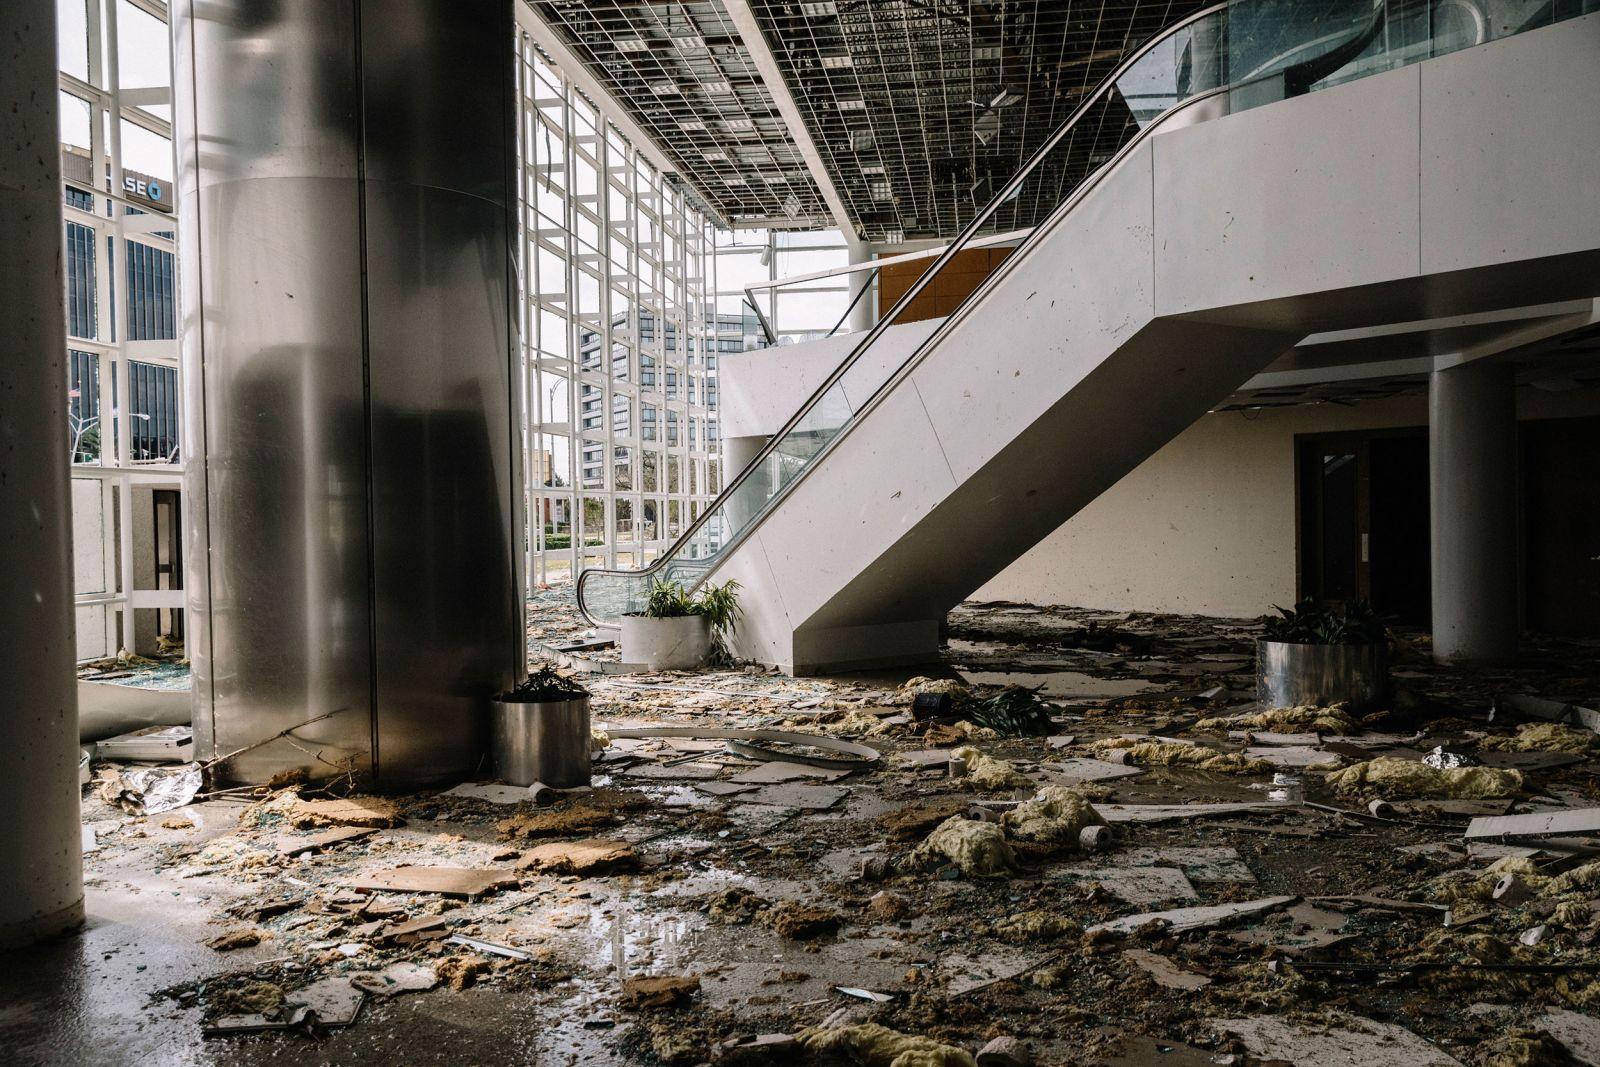 Chùm ảnh siêu bão Laura tàn phá phía Nam nước Mỹ: Ít nhất 4 người thiệt mạng, nhà cửa hư hỏng nặng nề, cuộc sống người dân bị đảo lộn - Ảnh 13.